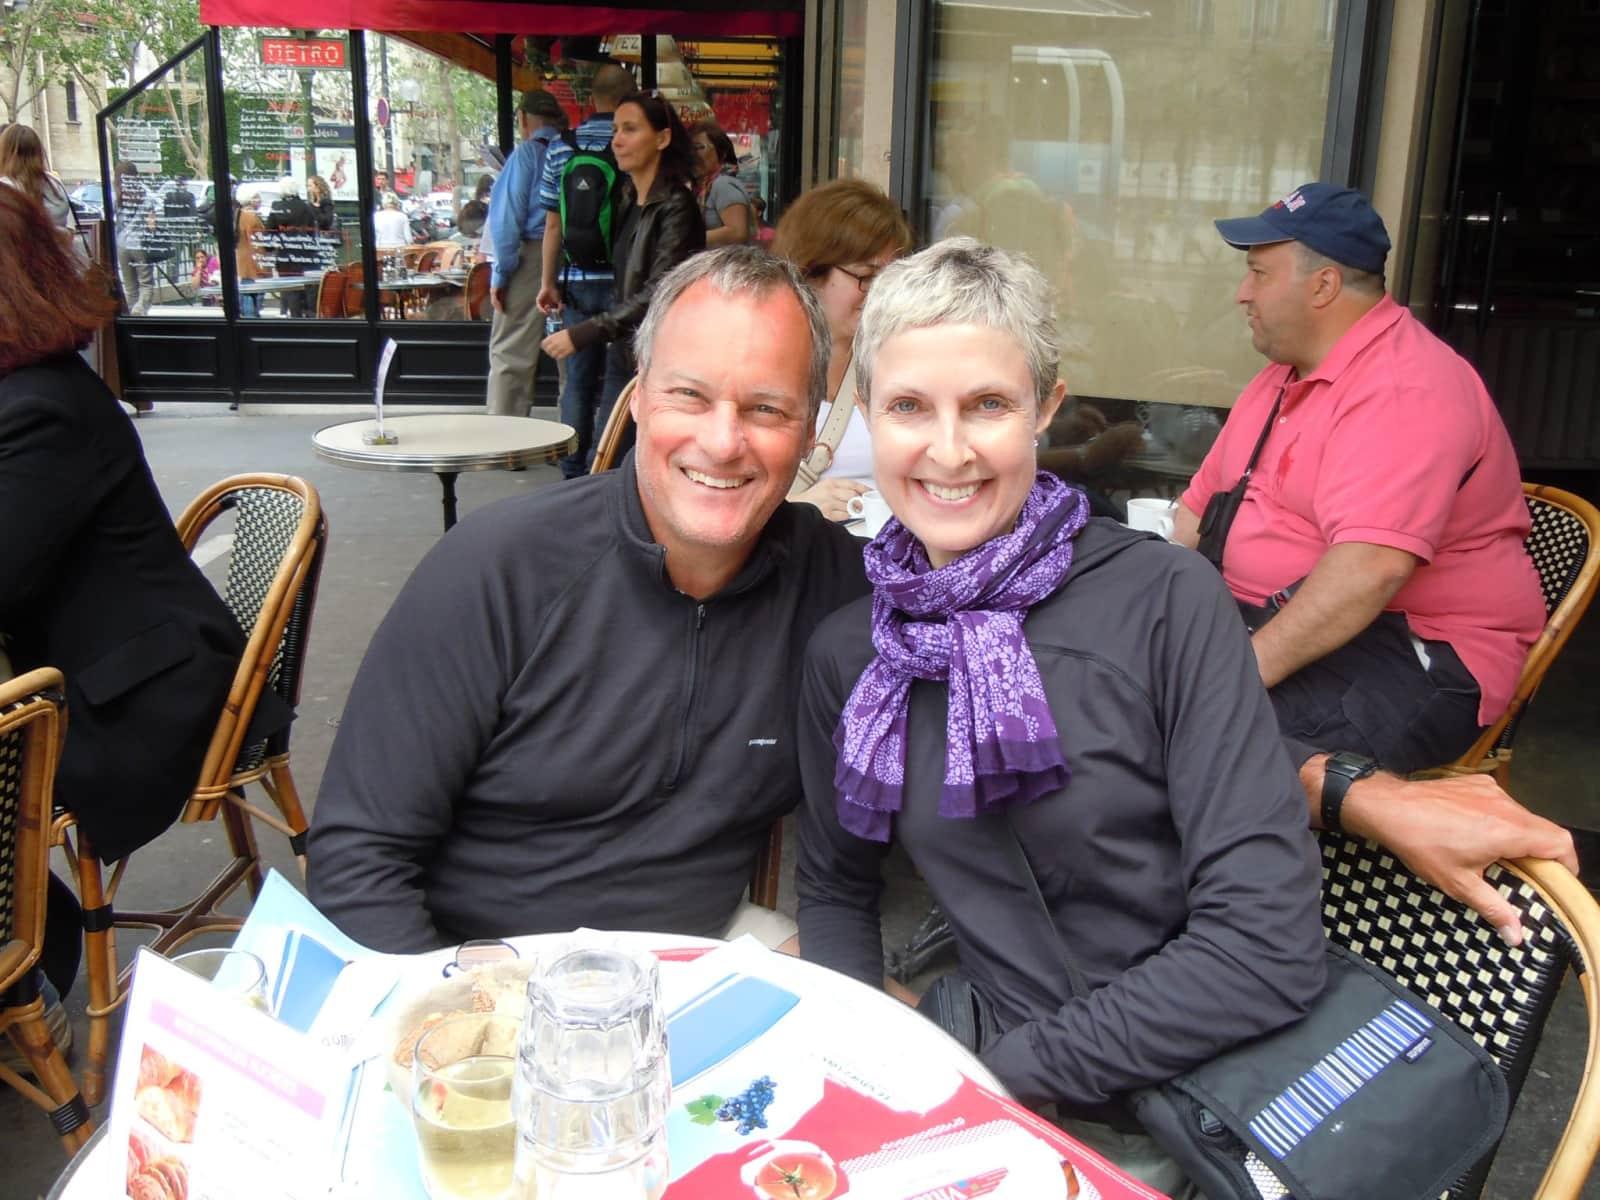 Kimberley & Francois from Ottawa, Ontario, Canada